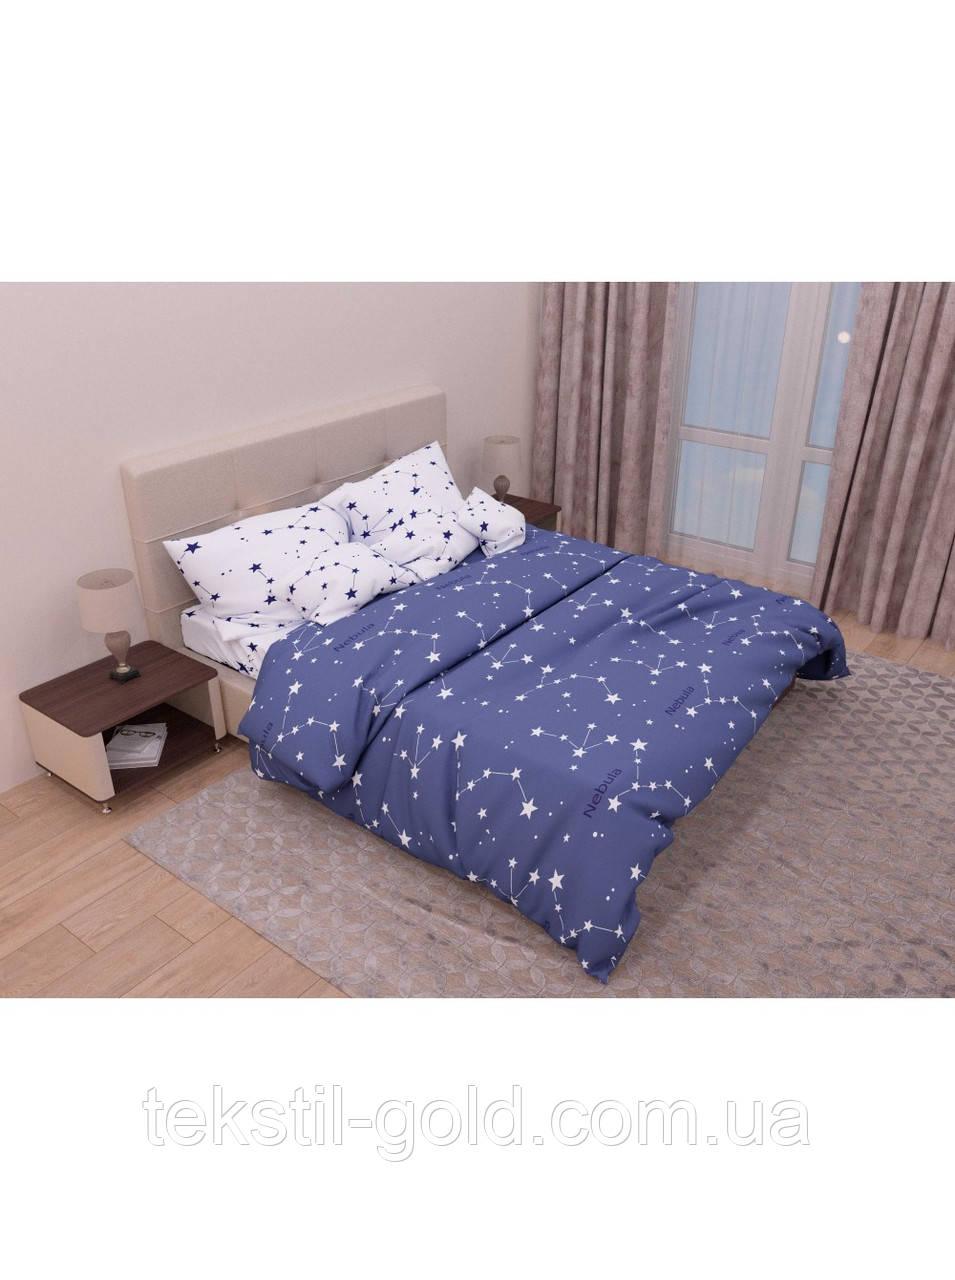 Комплект постельного белья с компаньоном NEBULA ТМ KRIS-POL (Украина) Бязь голд семейный